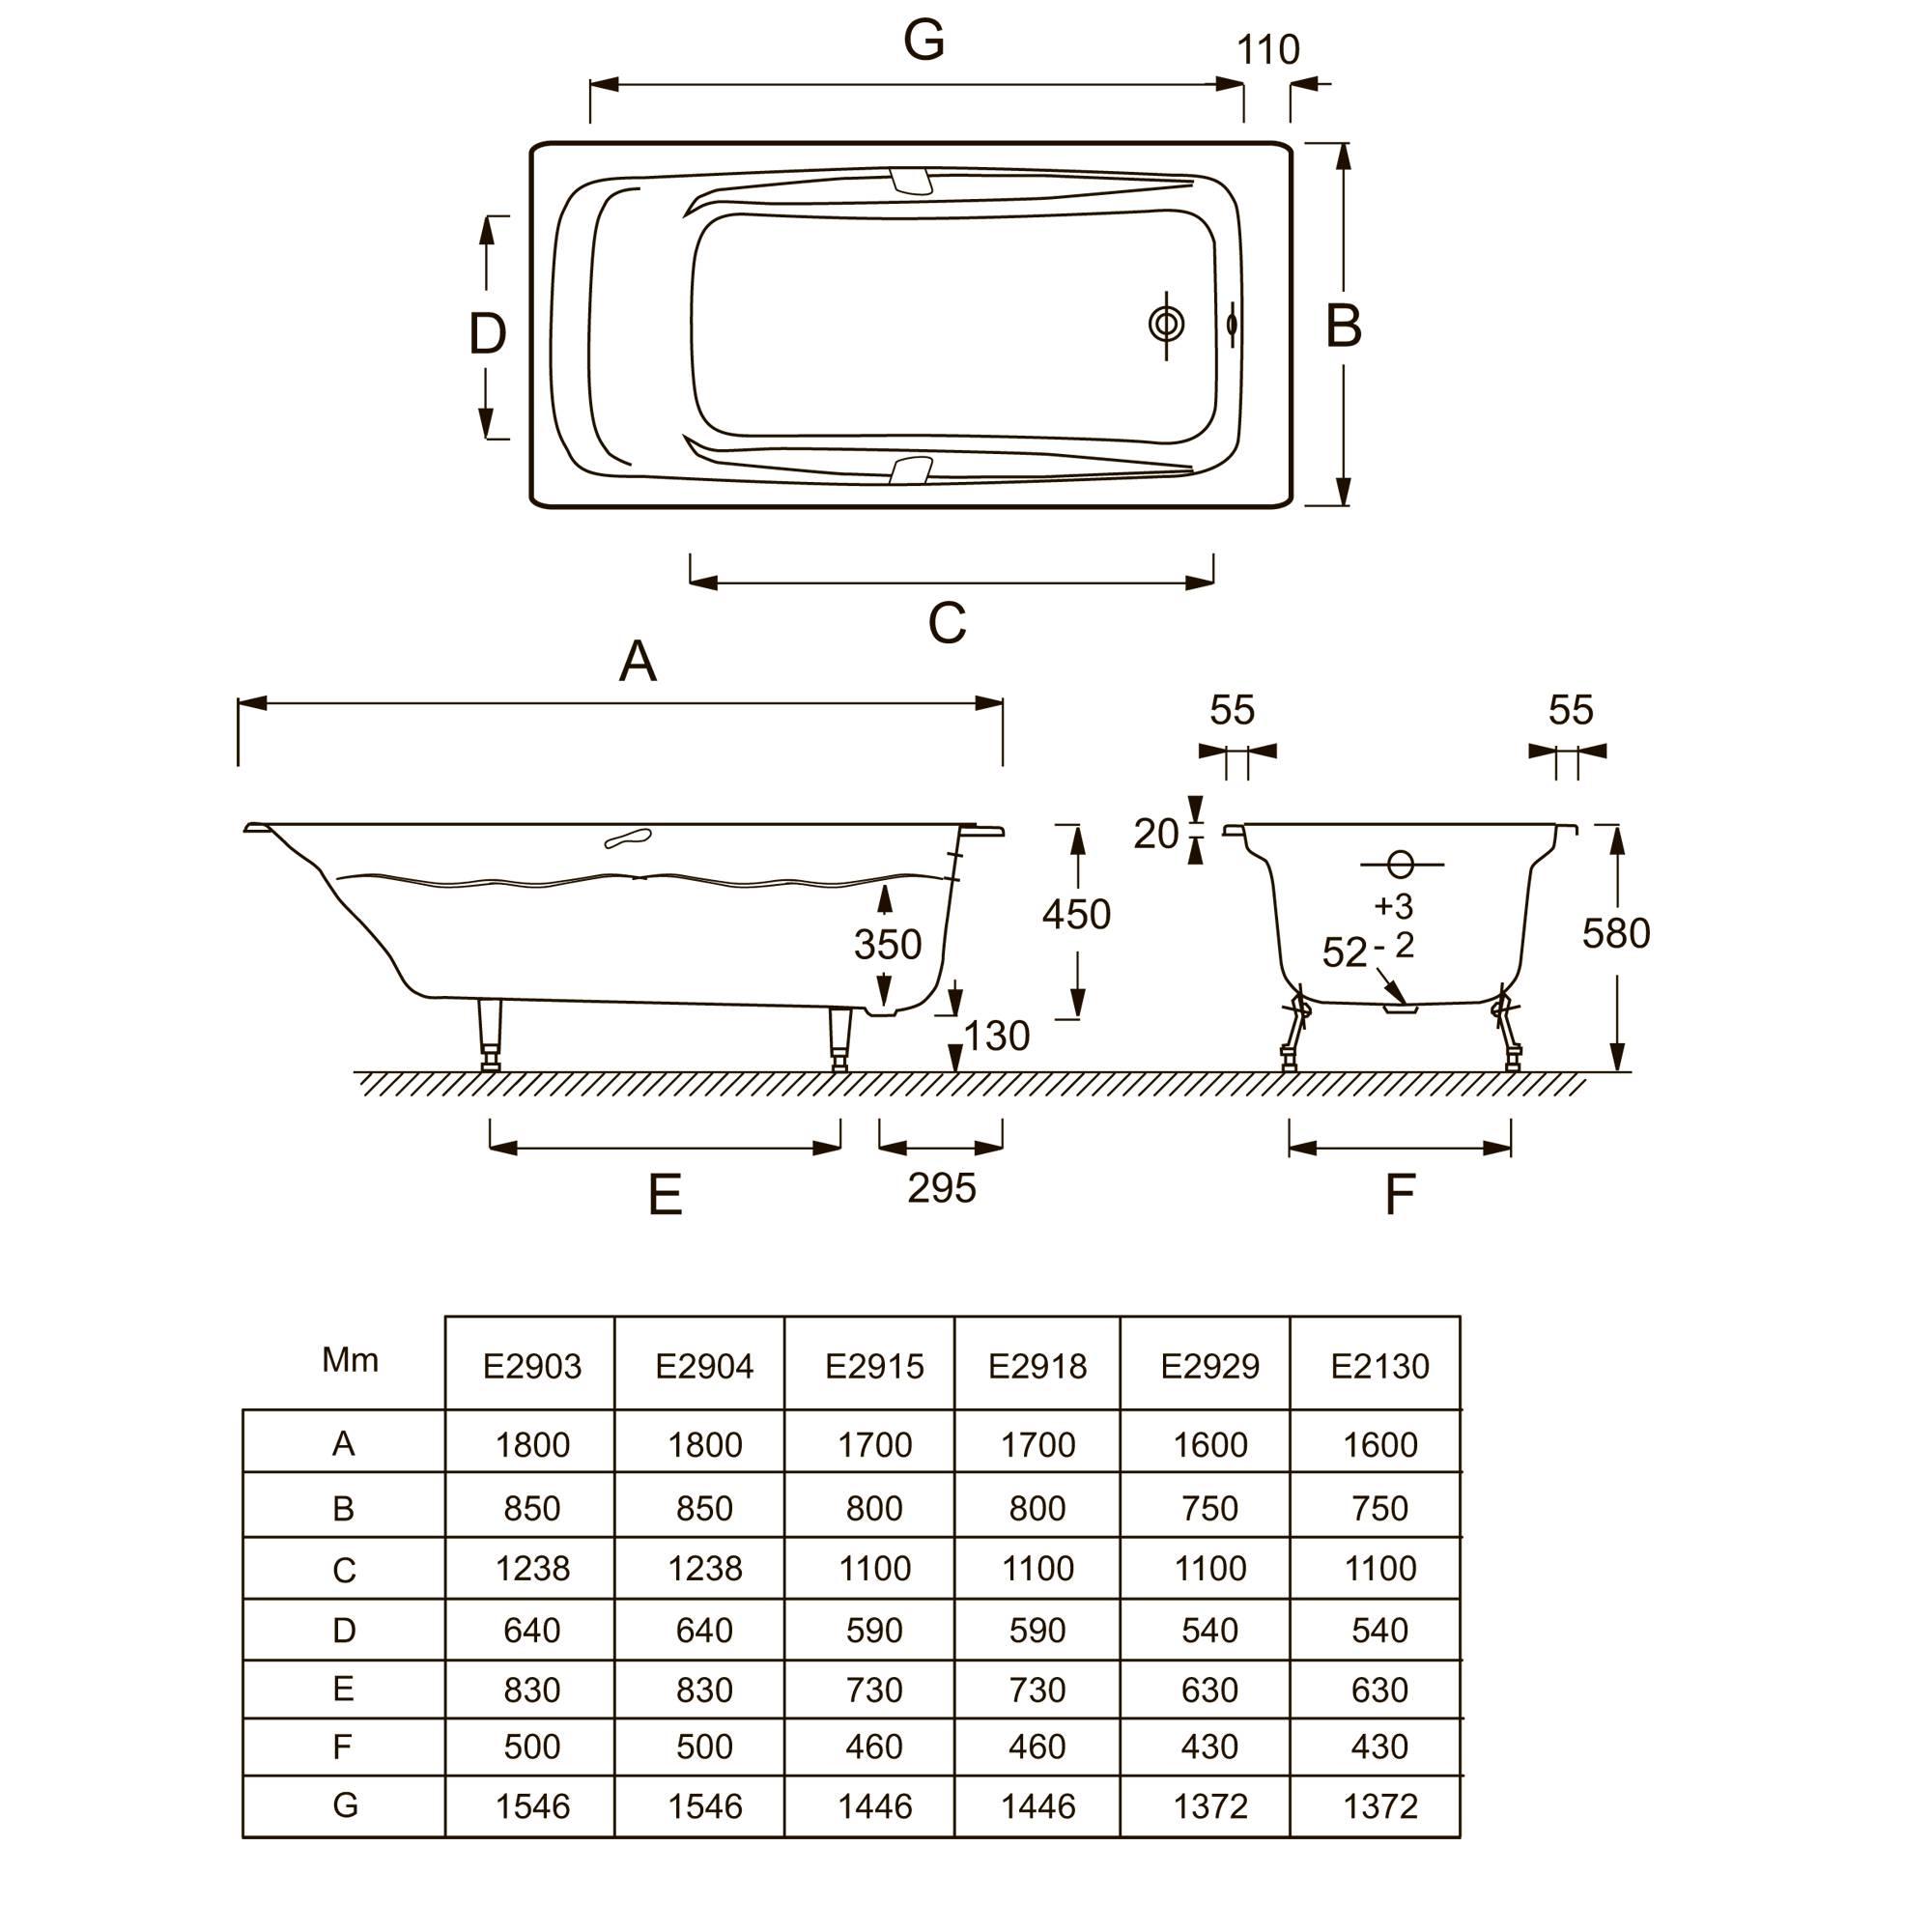 Ширина ванны: стандартные и узкие варианты 50 и 60 см, стандарты по 65 и 80 см, крупногабаритные модели по 100-170 см, какая бывает длина